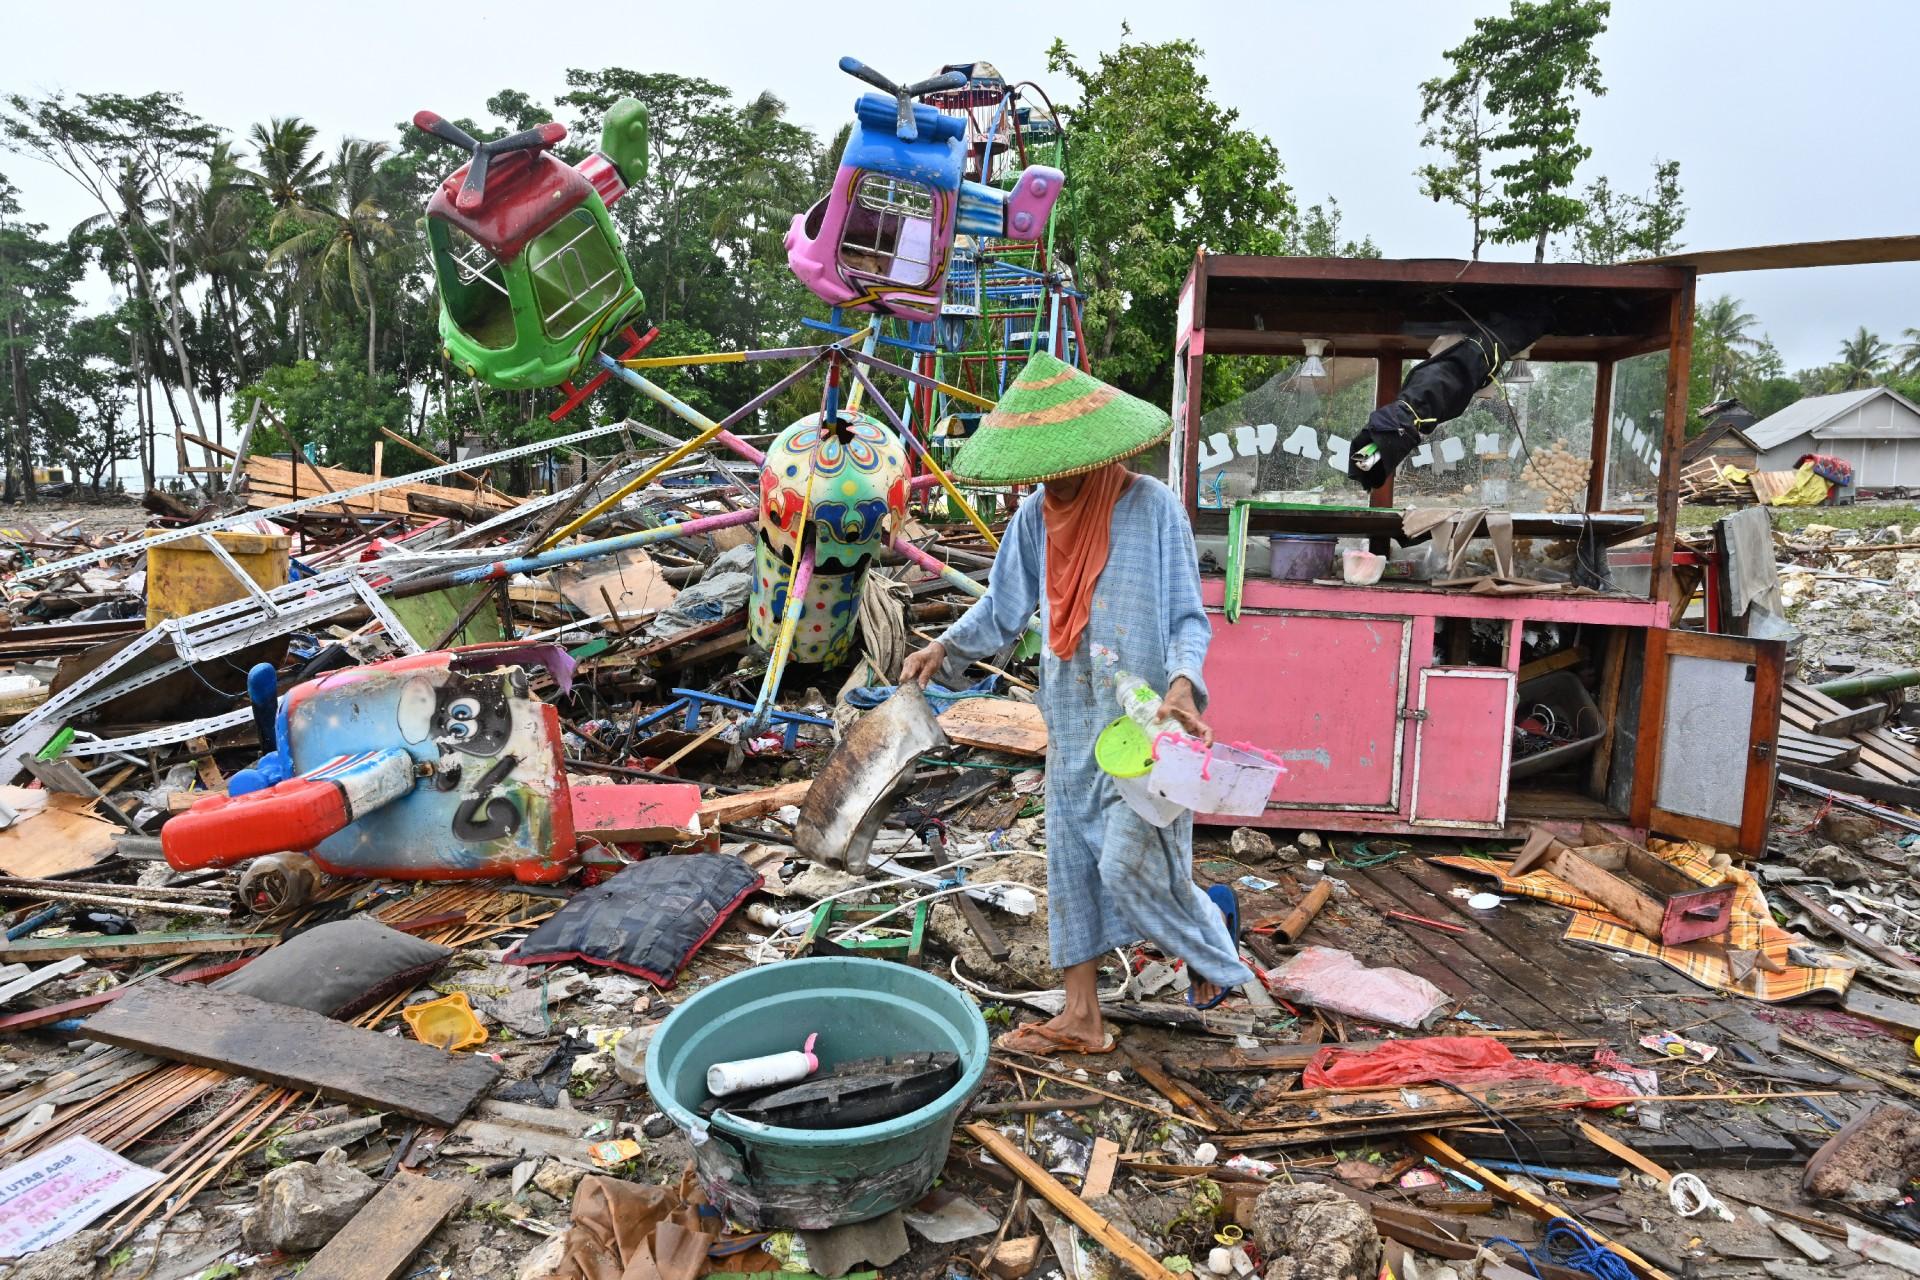 Una mujer rescata objetos de valor de un parque de diversiones temporal que fue golpeado por un tsunami en la aldea de Sumber Jaya en Sumur, Pandeglang, provincia de Banten, el 25 de diciembre de 2018.